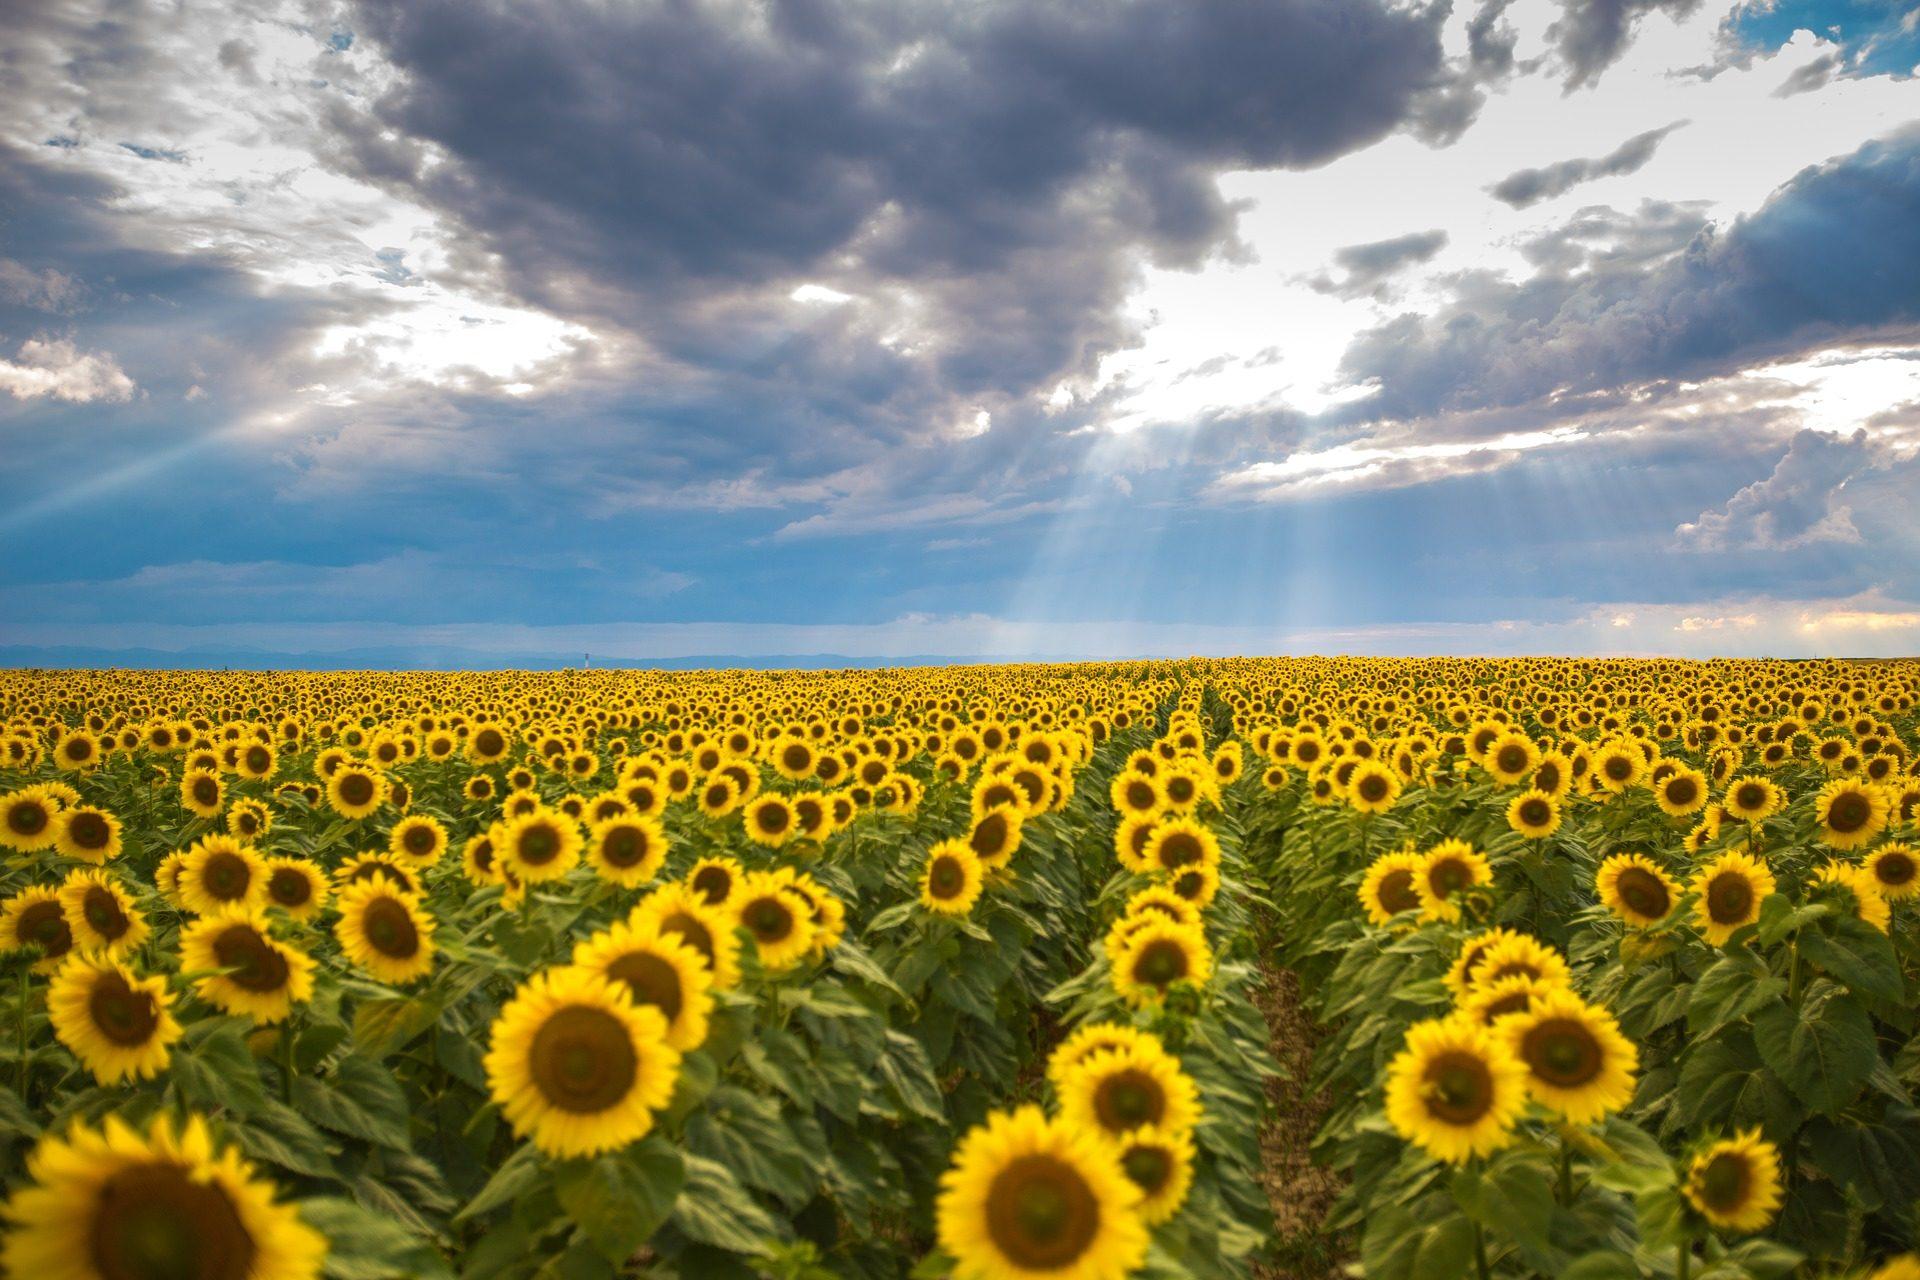 Ηλιοτρόπια, Φυτεία, καλλιέργεια, φυτά, Ουρανός, νεφελώδης, σύννεφα - Wallpapers HD - Professor-falken.com